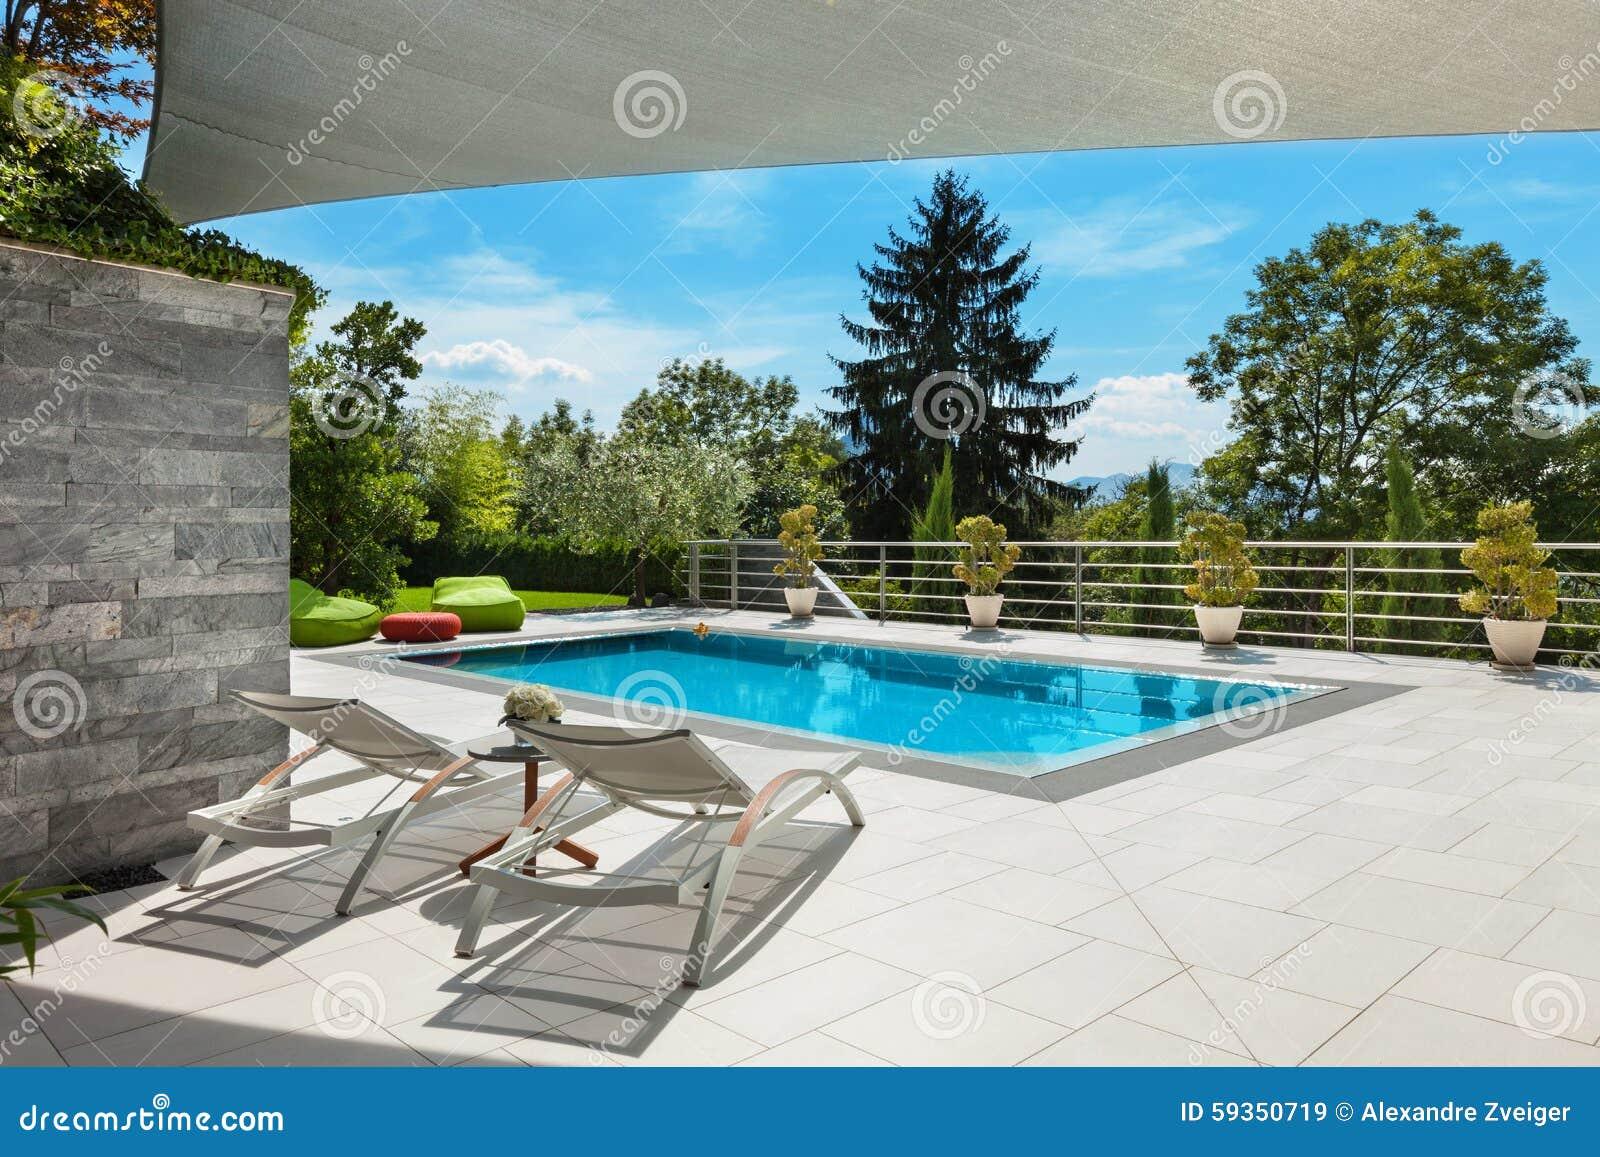 Huis met Pool